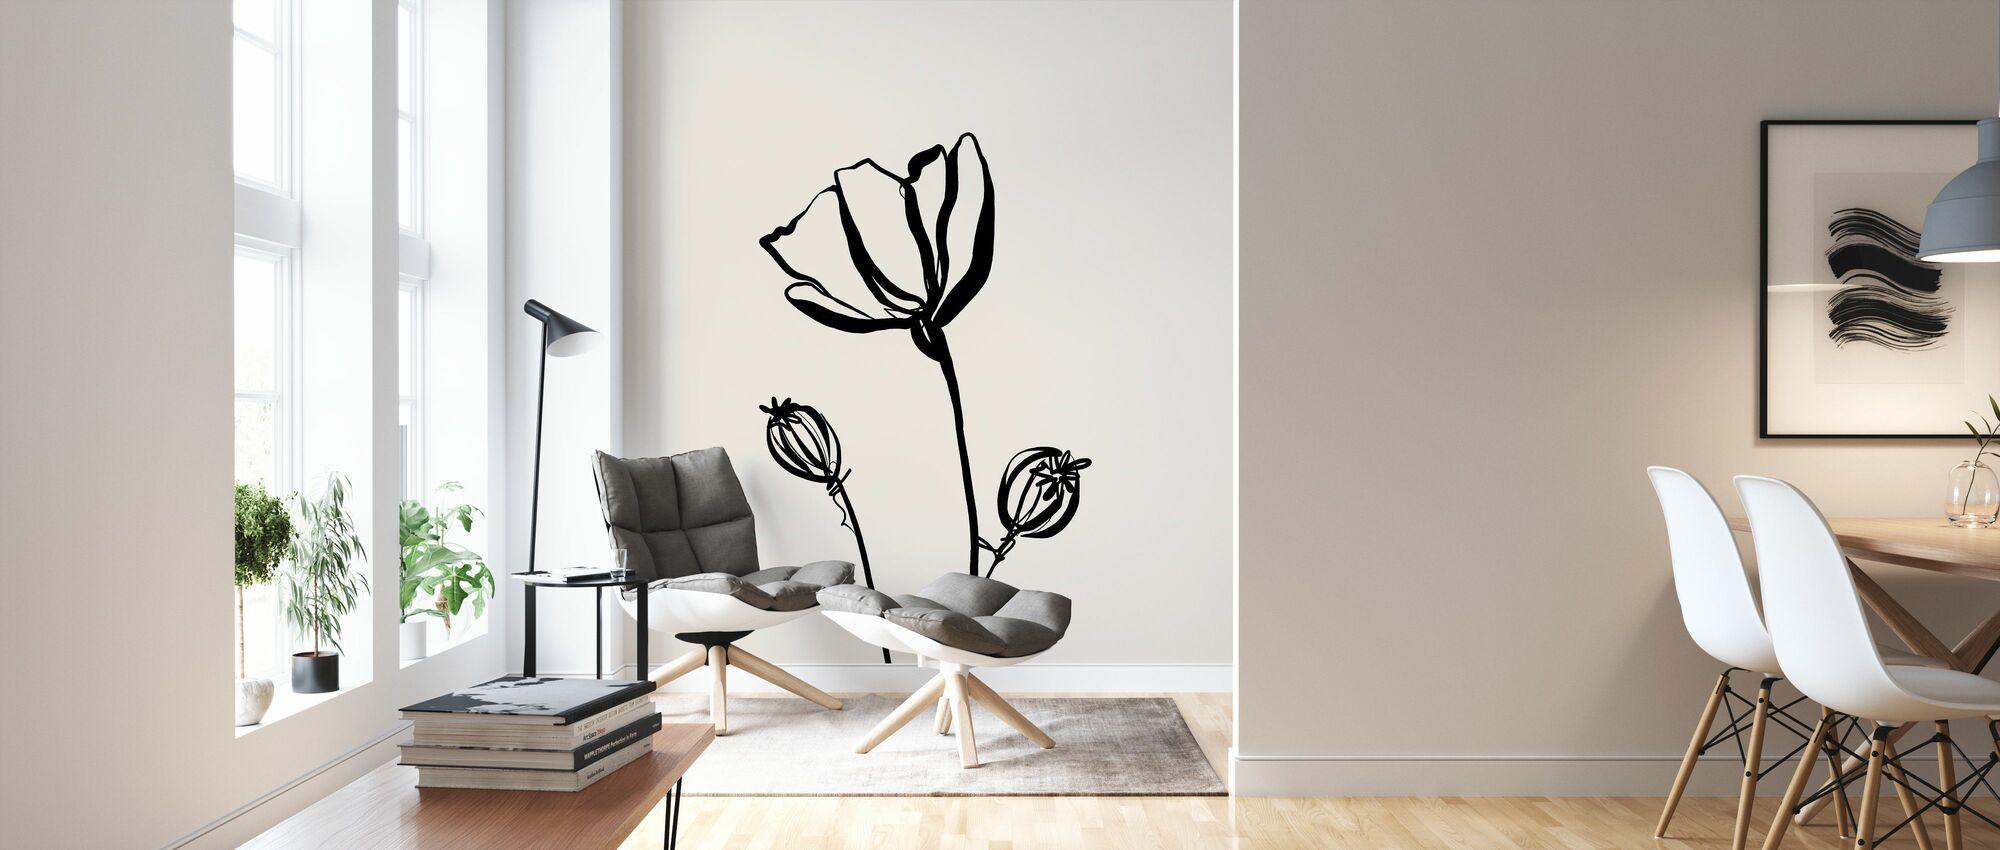 Poppy II - Wallpaper - Living Room